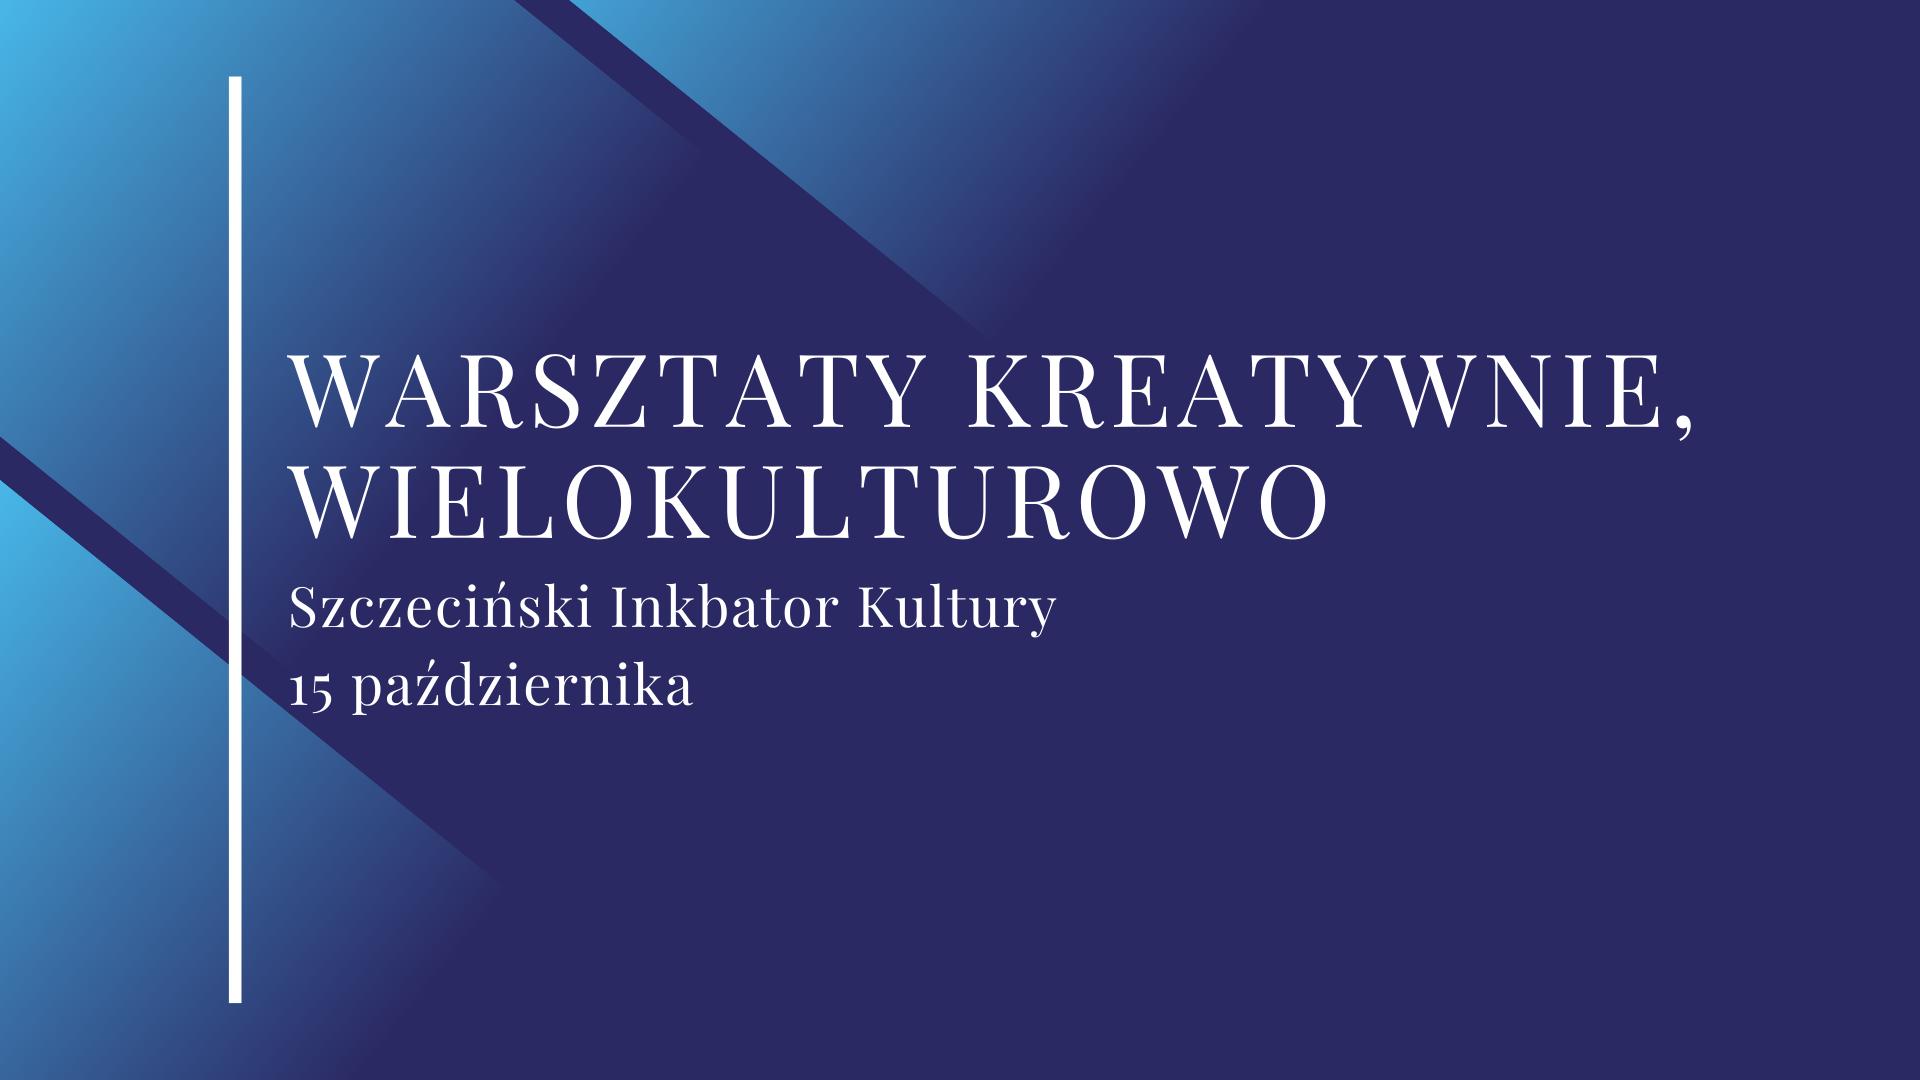 Na granatowym tle znajduje się napis Warsztaty Kreatywnie, wielokulturowo, Szczeciński Inkubator Kultury, 15 października